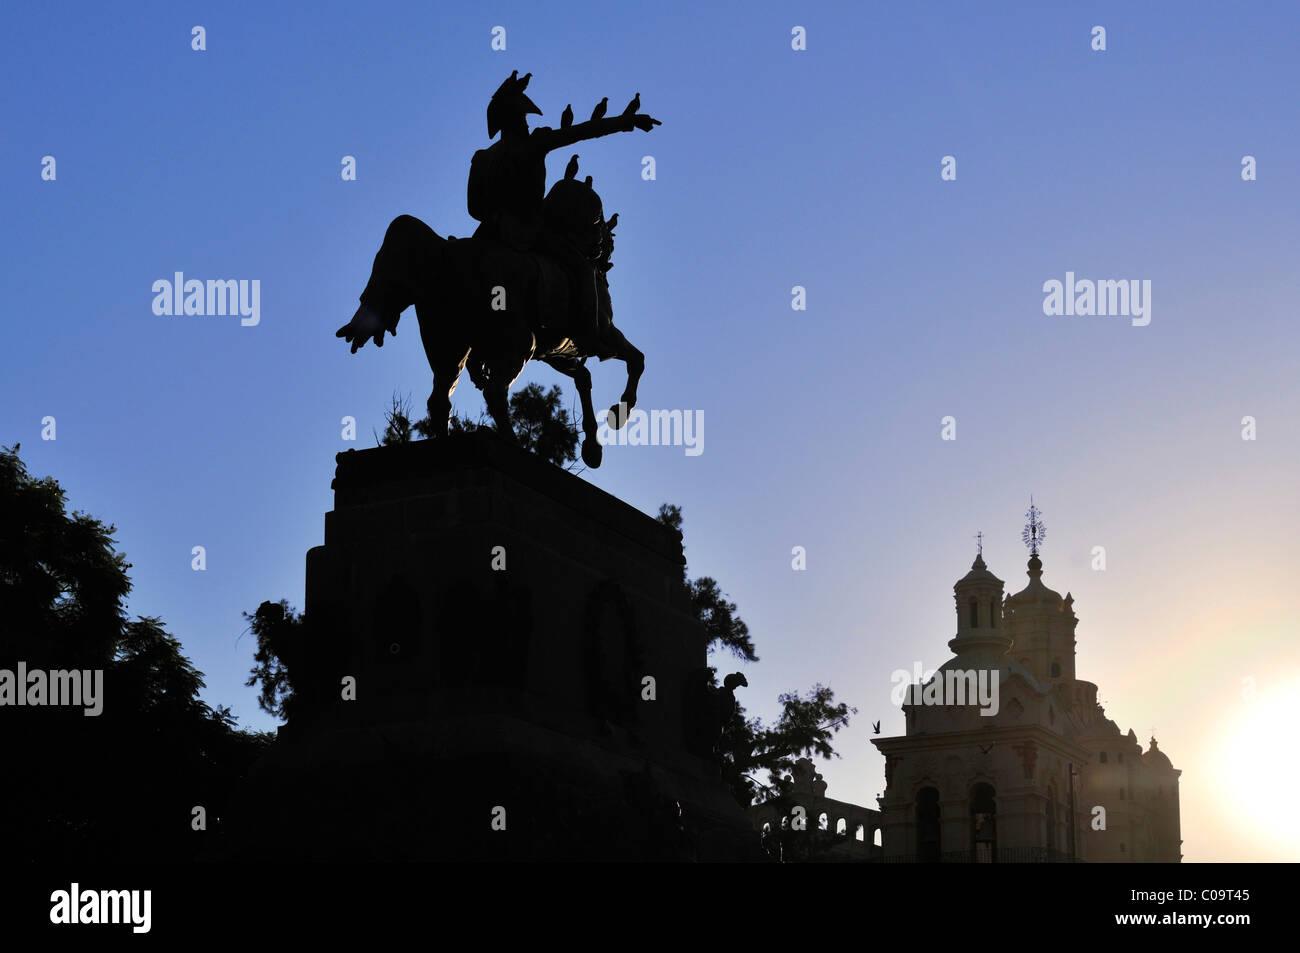 Plaza San Martin square with equestrian statue, Cordoba, Argentina, South America - Stock Image